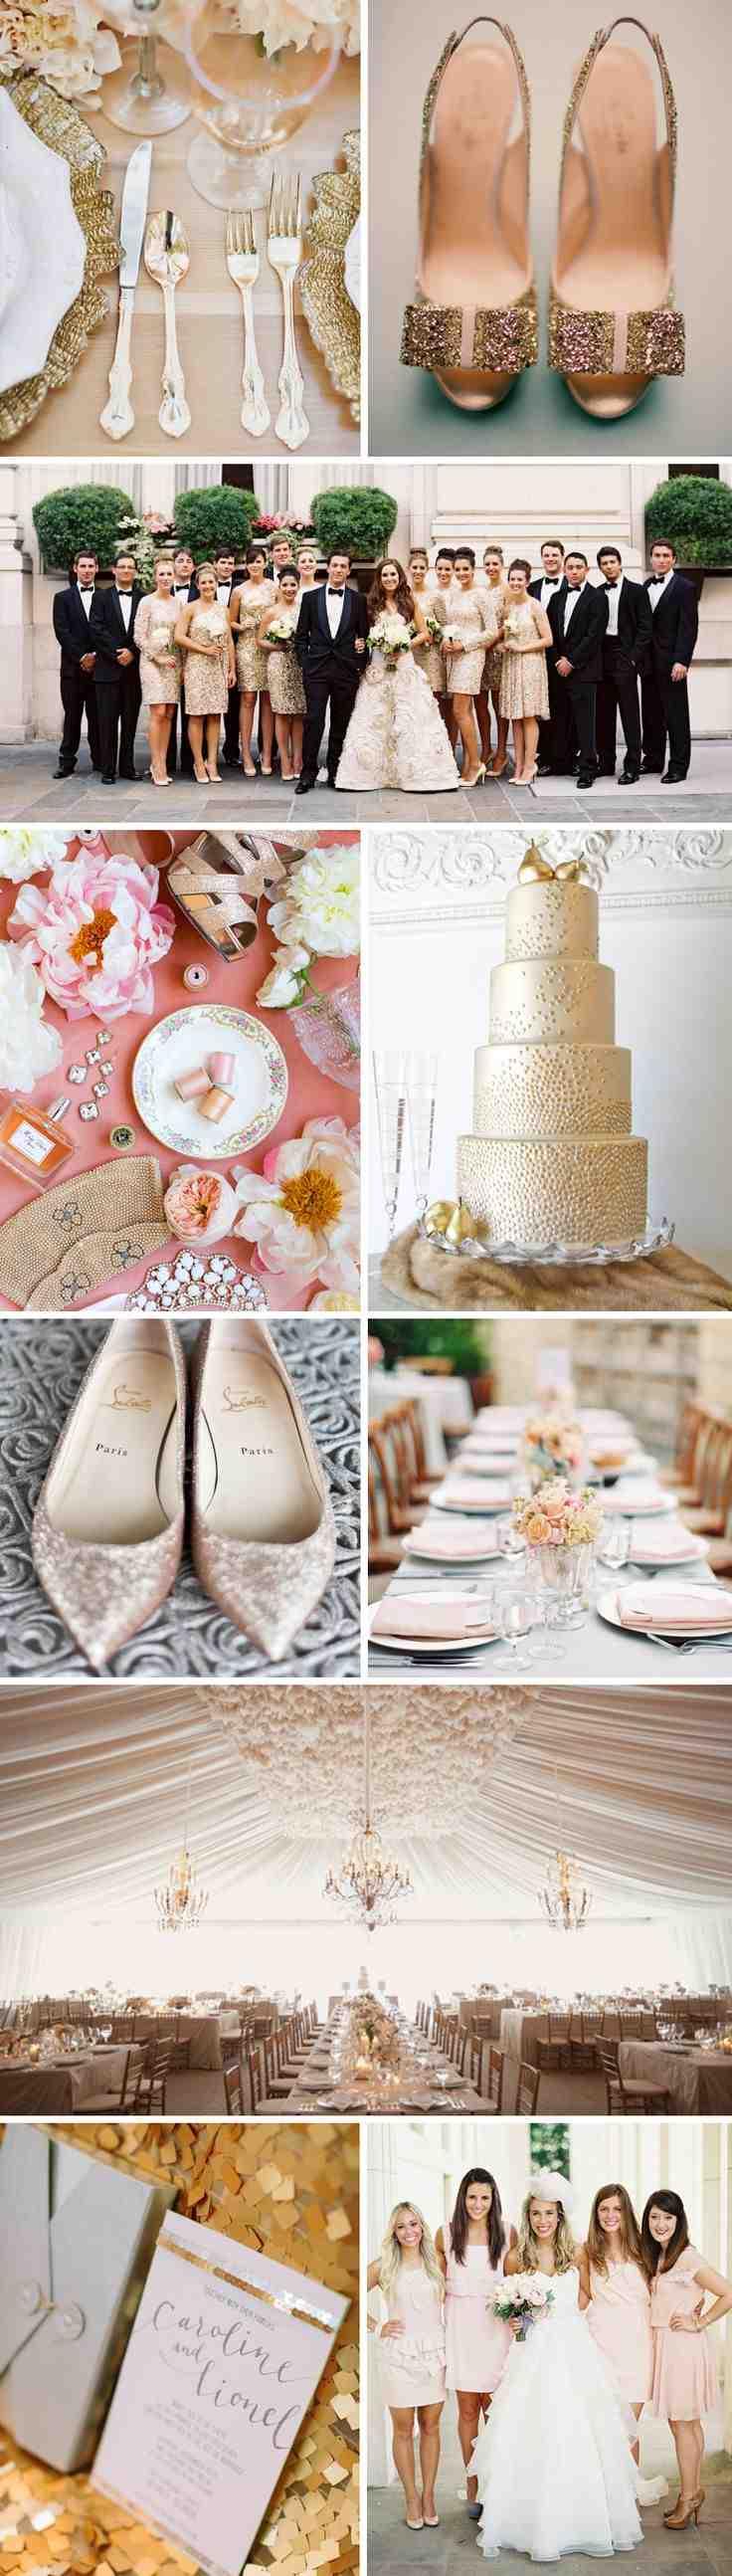 Increible decoracion de boda en blanco y dorado